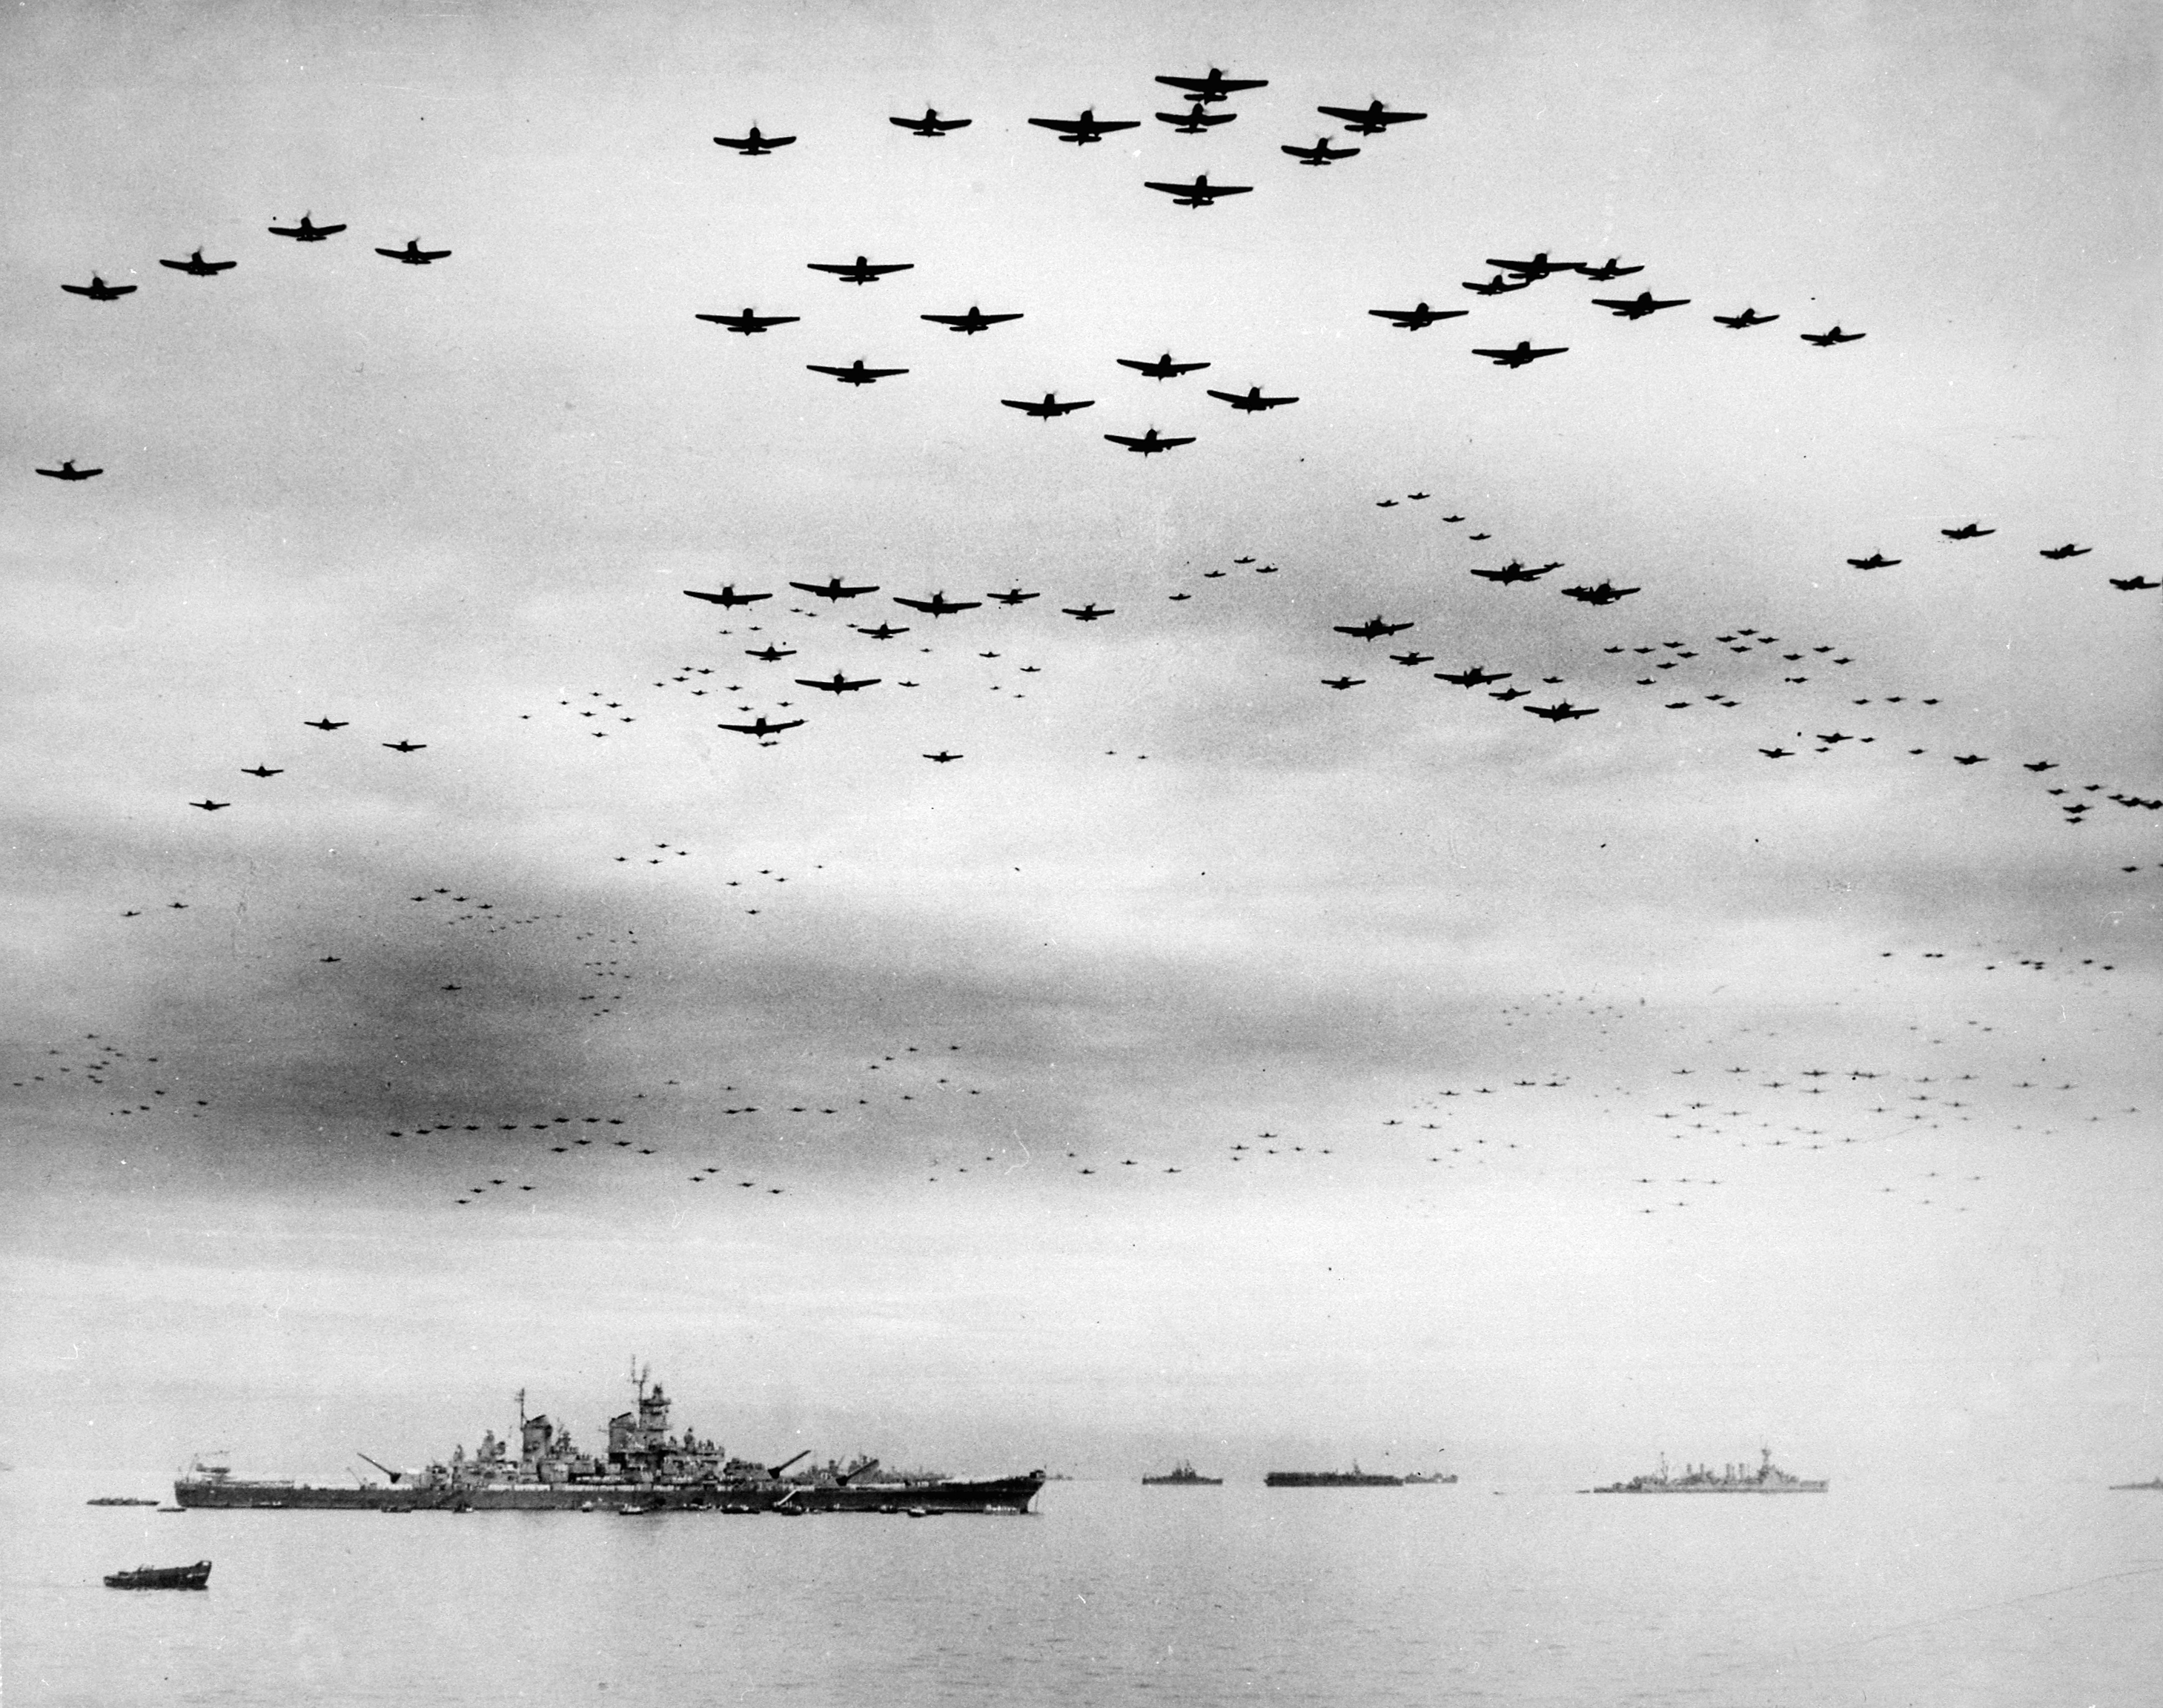 USS_Missouri_(BB-63)_flyover,_Tokyo_Bay,